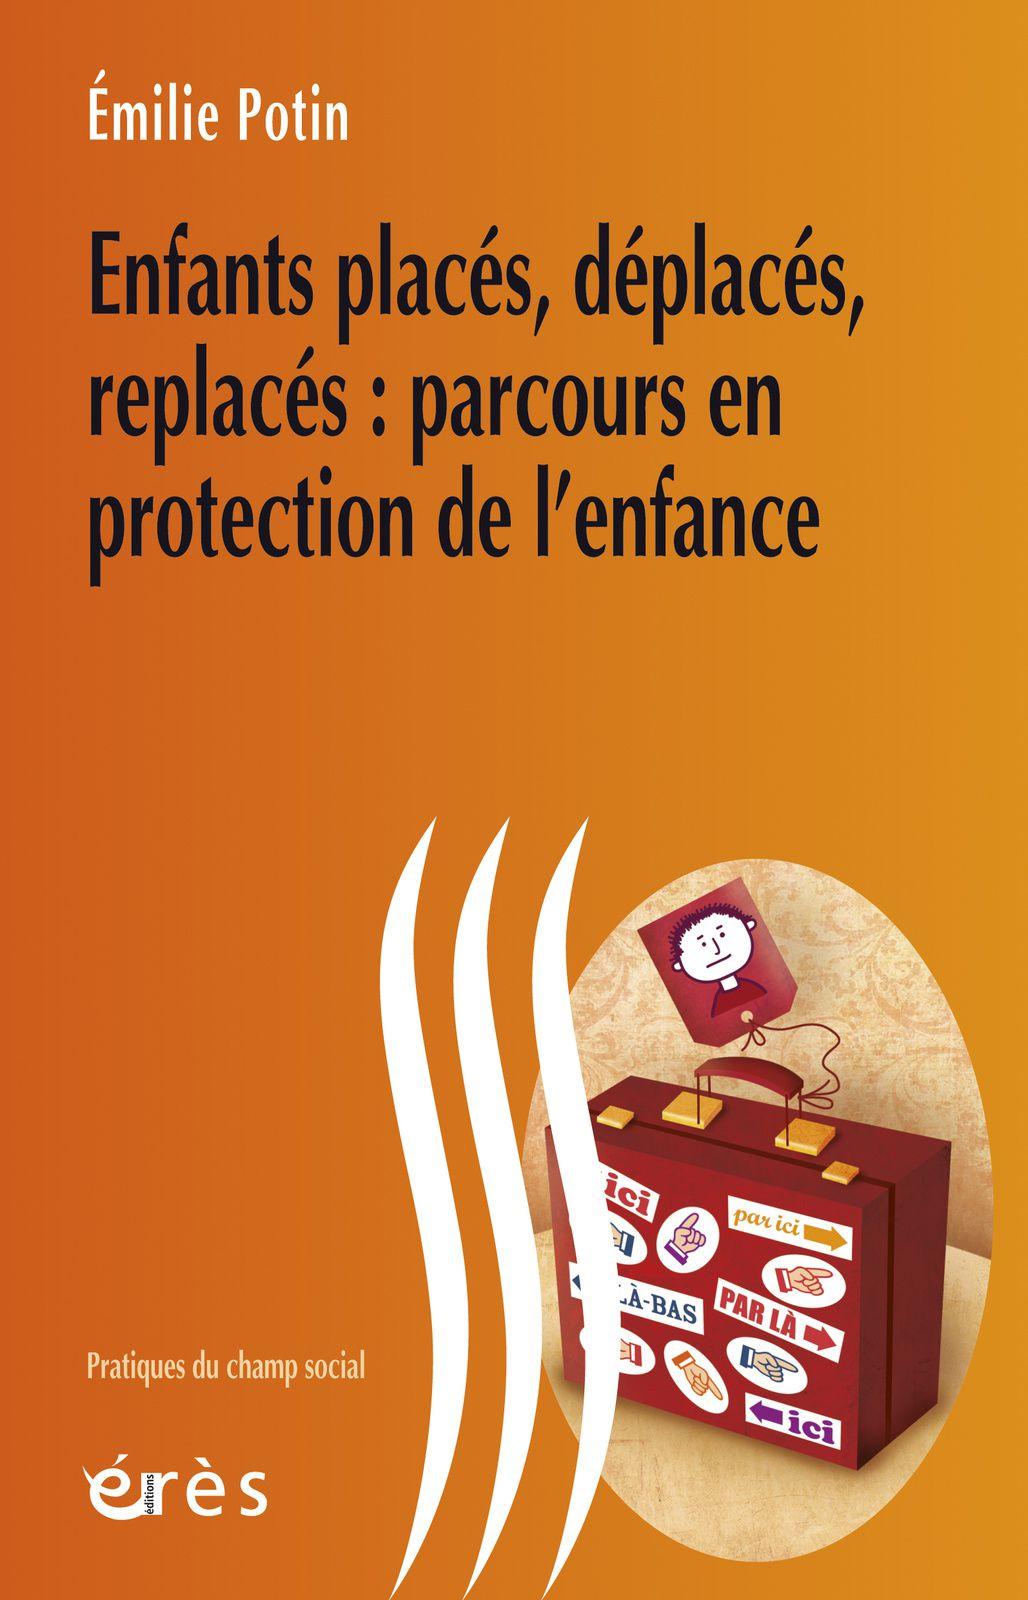 ©2014 (1ère édition 2012) Pratiques du champ social - collection dirigée par Philippe Pitaud (dessagis@newsup.univ-mrs.fr) et Marie-Françoise Dubois-Sacrispeyre